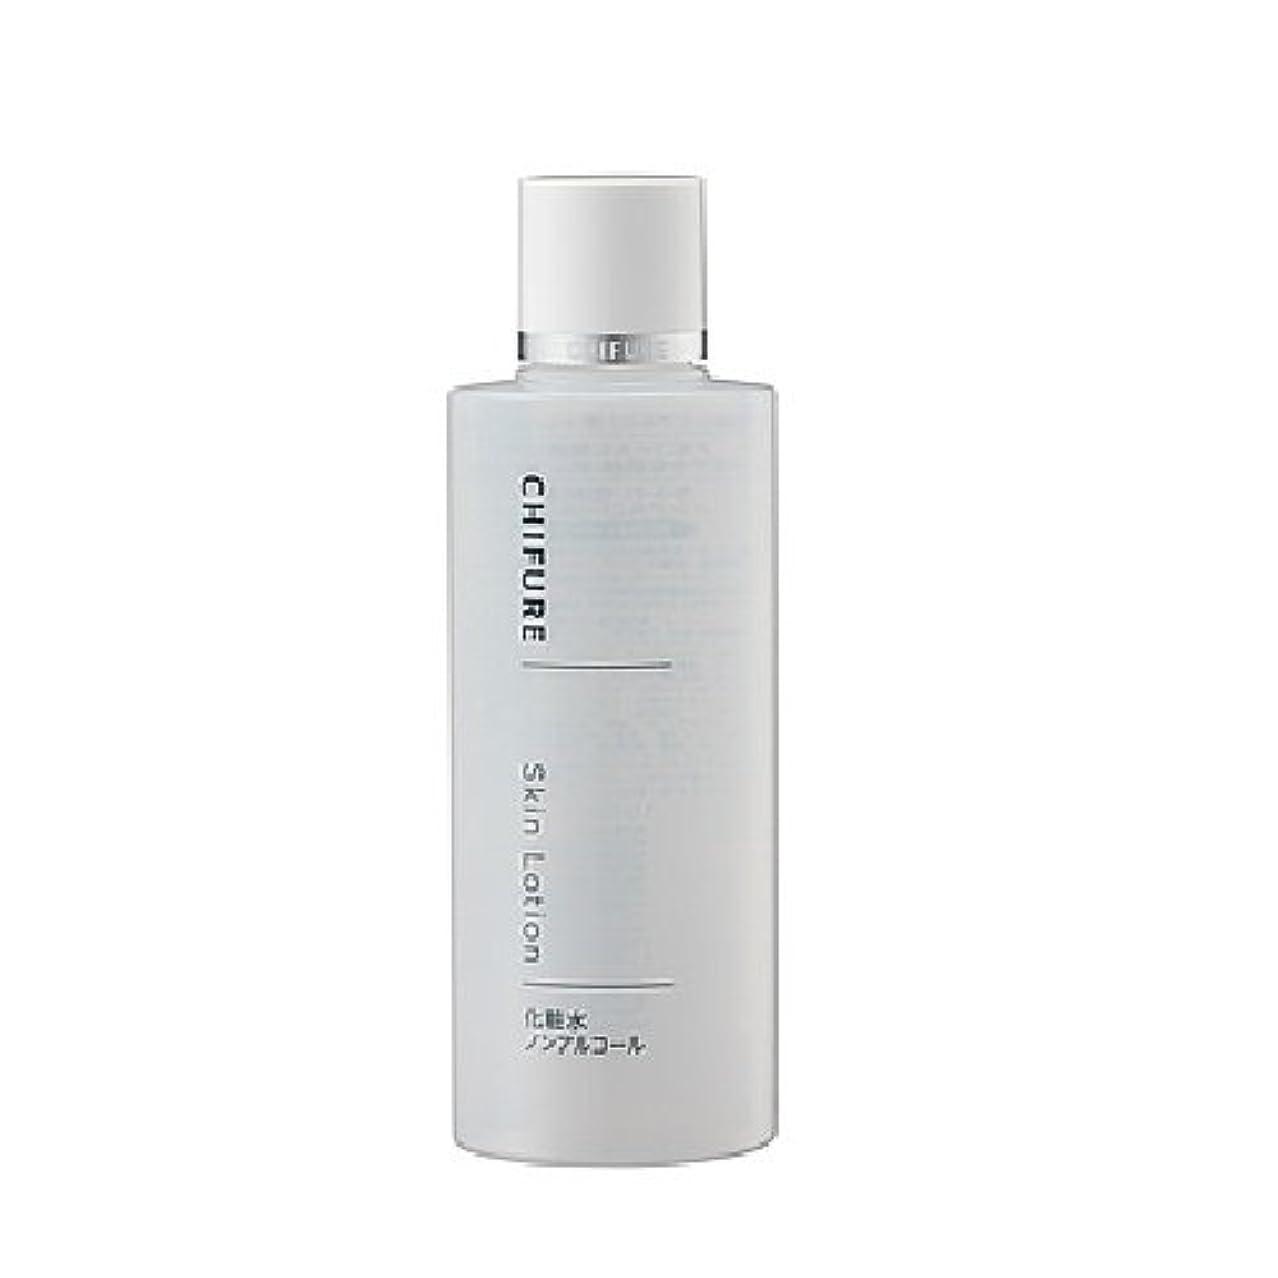 設計宅配便たくさんちふれ化粧品 化粧水 ノンアルコールタイプ 180ML